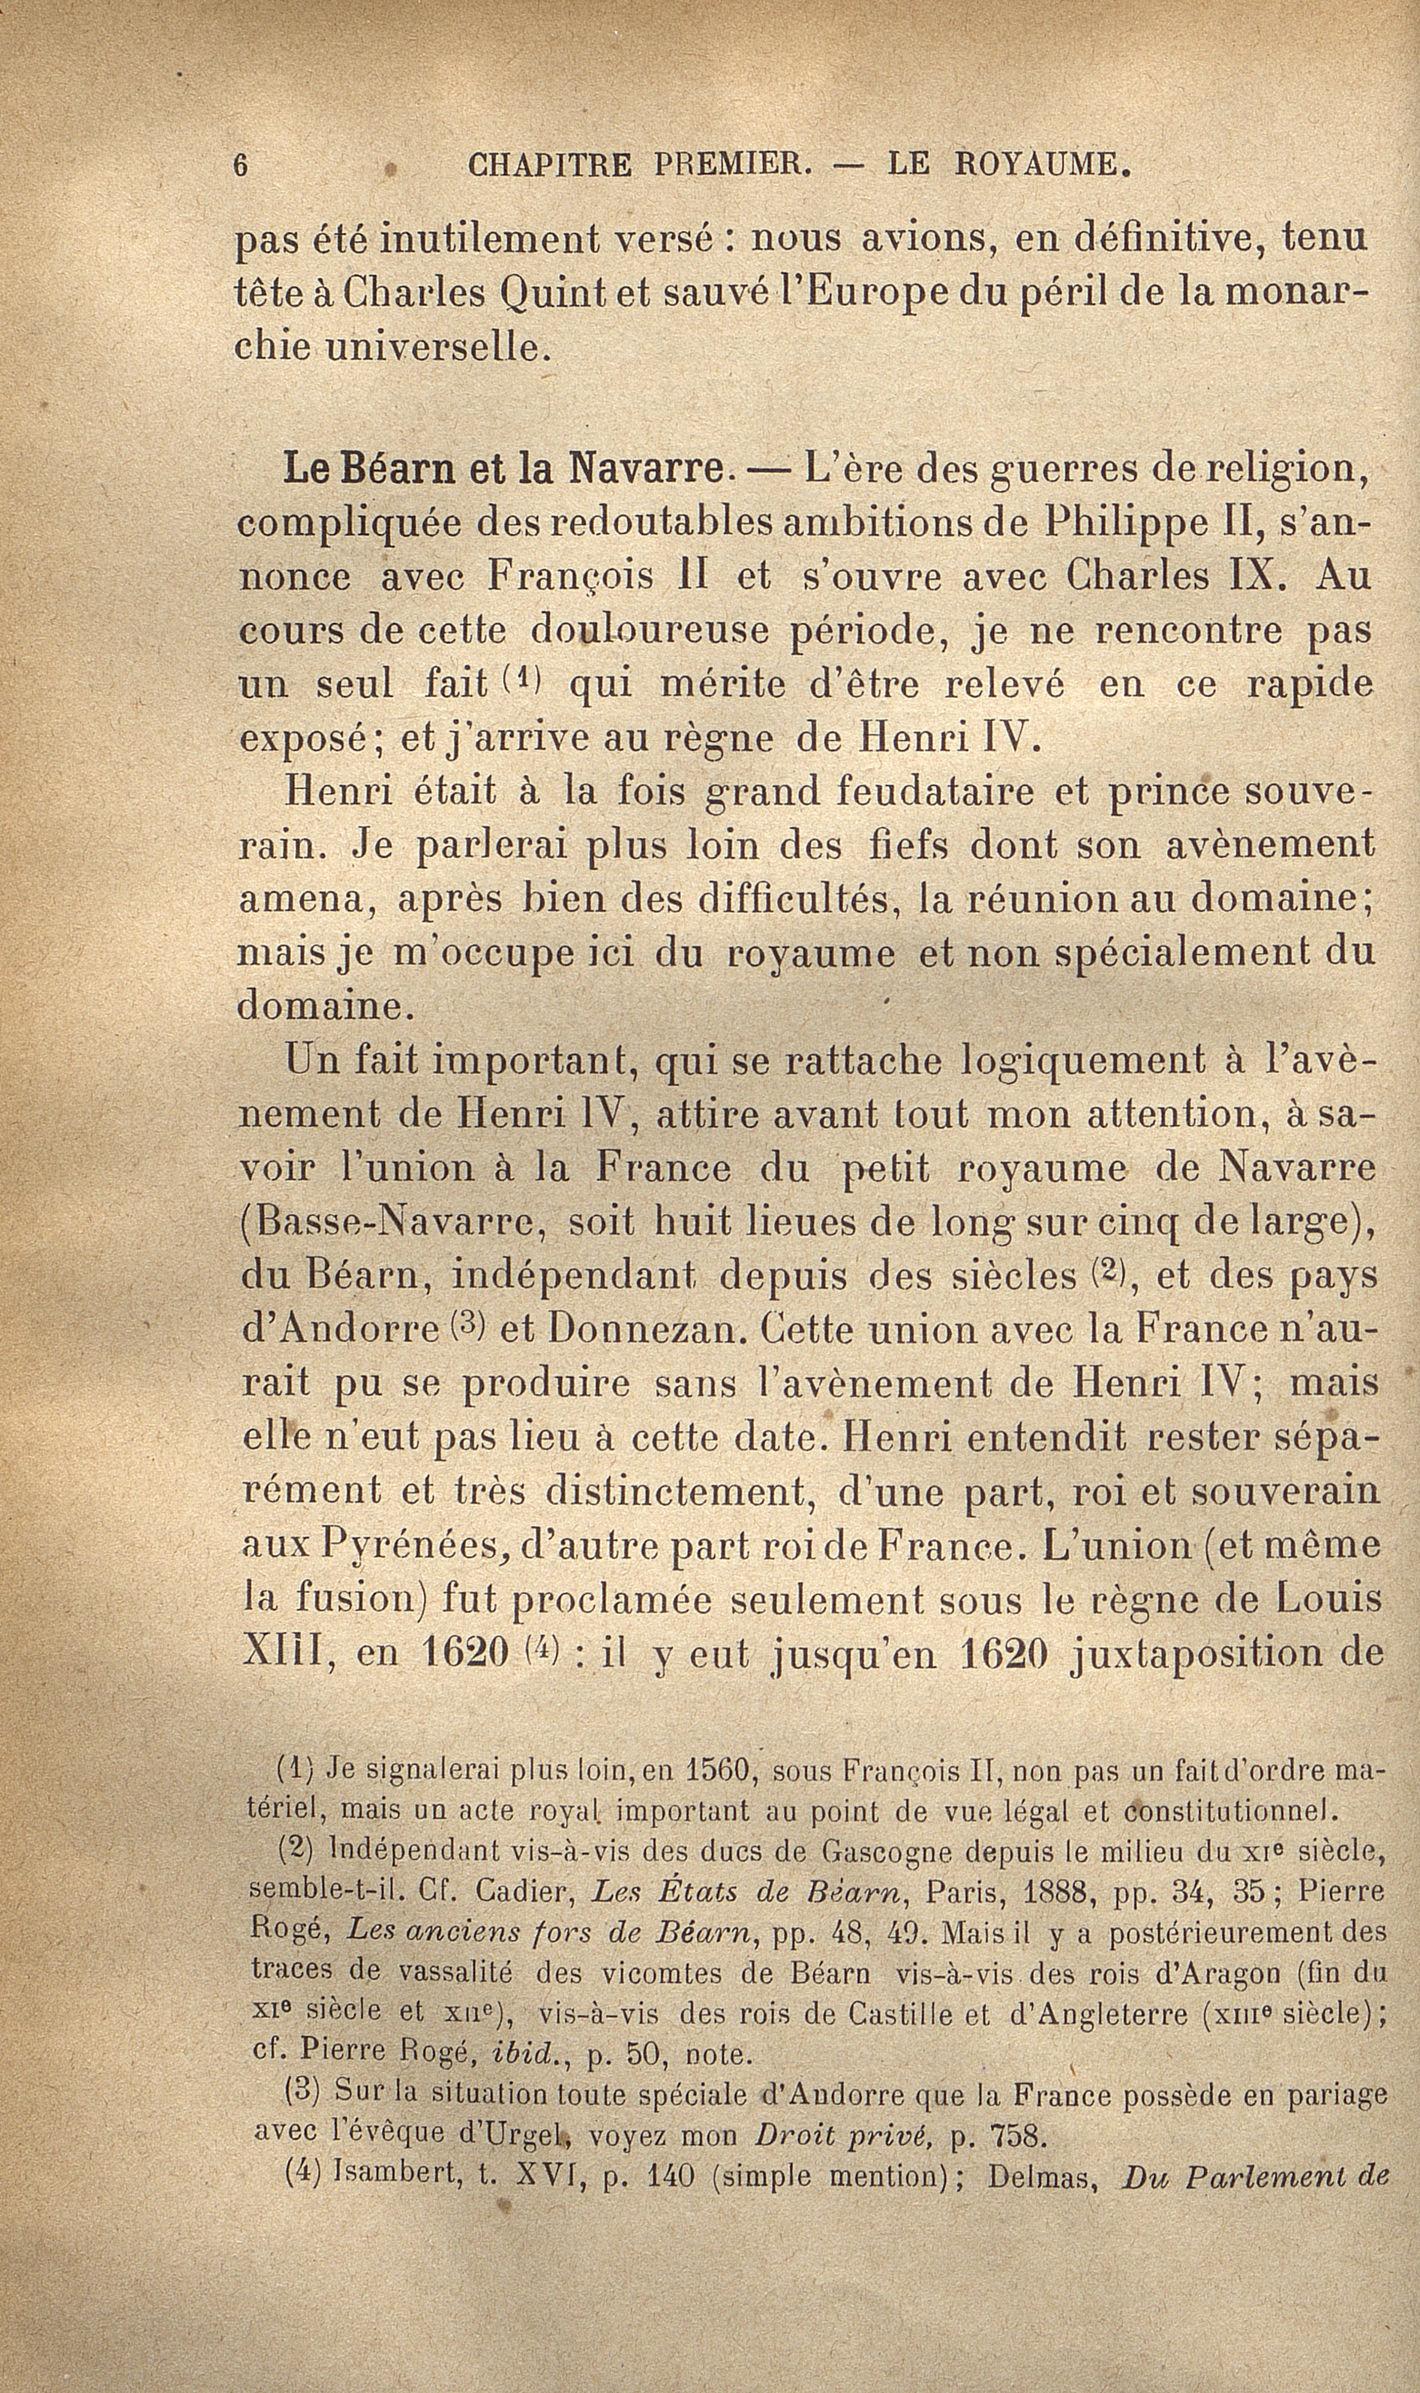 http://expo-paulviollet.univ-paris1.fr/wp-content/uploads/2016/02/0605381272_0020.jpg